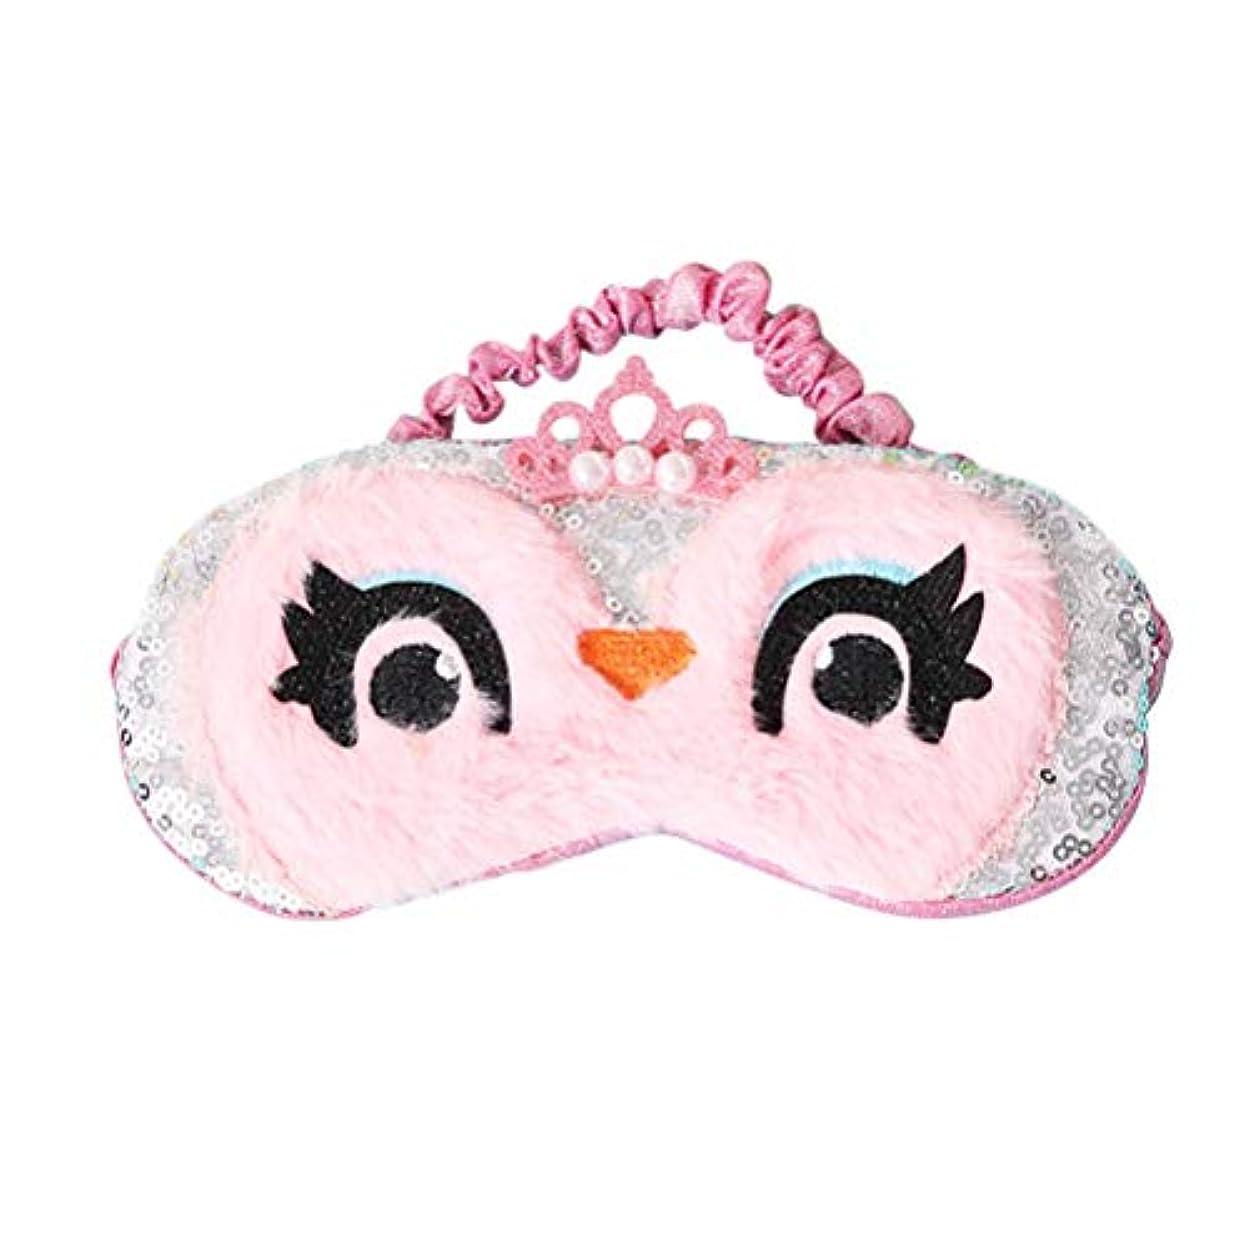 巻き取り実現可能性エンジニアリングHealifty アイマスクかわいいぬいぐるみ目隠しアイカバー用女性女の子子供ホームベッド旅行フライトカーキャンプ用(ピンク)